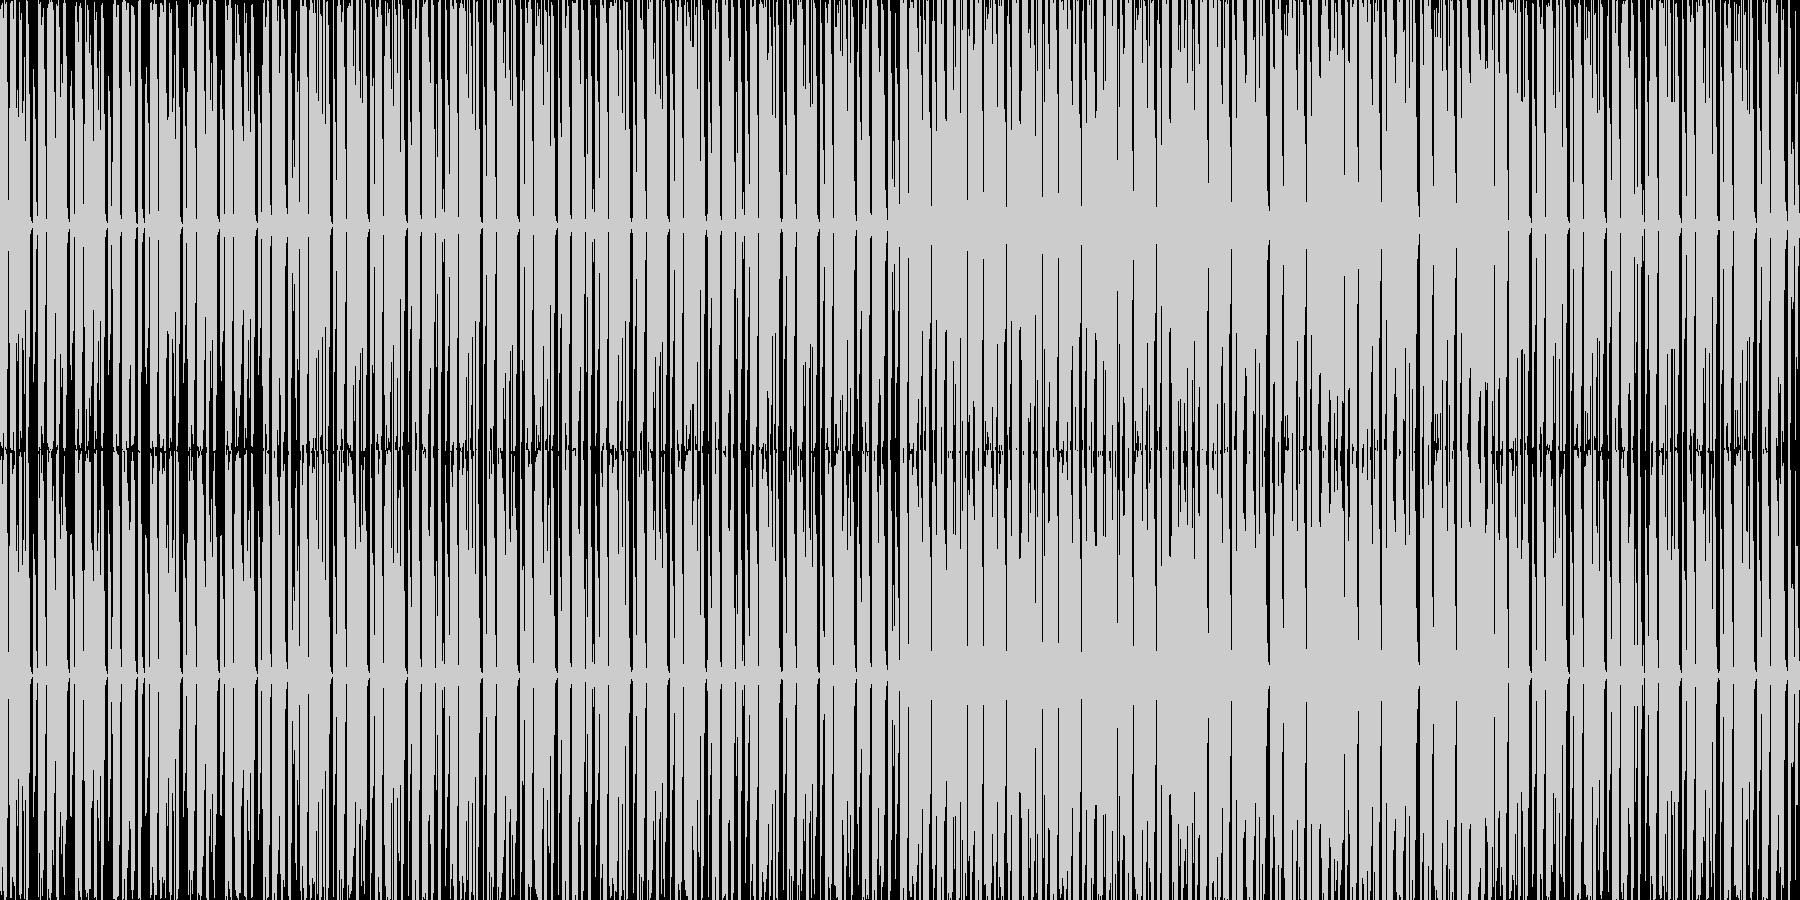 【ダンス/クラブ/ポップなEDM】の未再生の波形